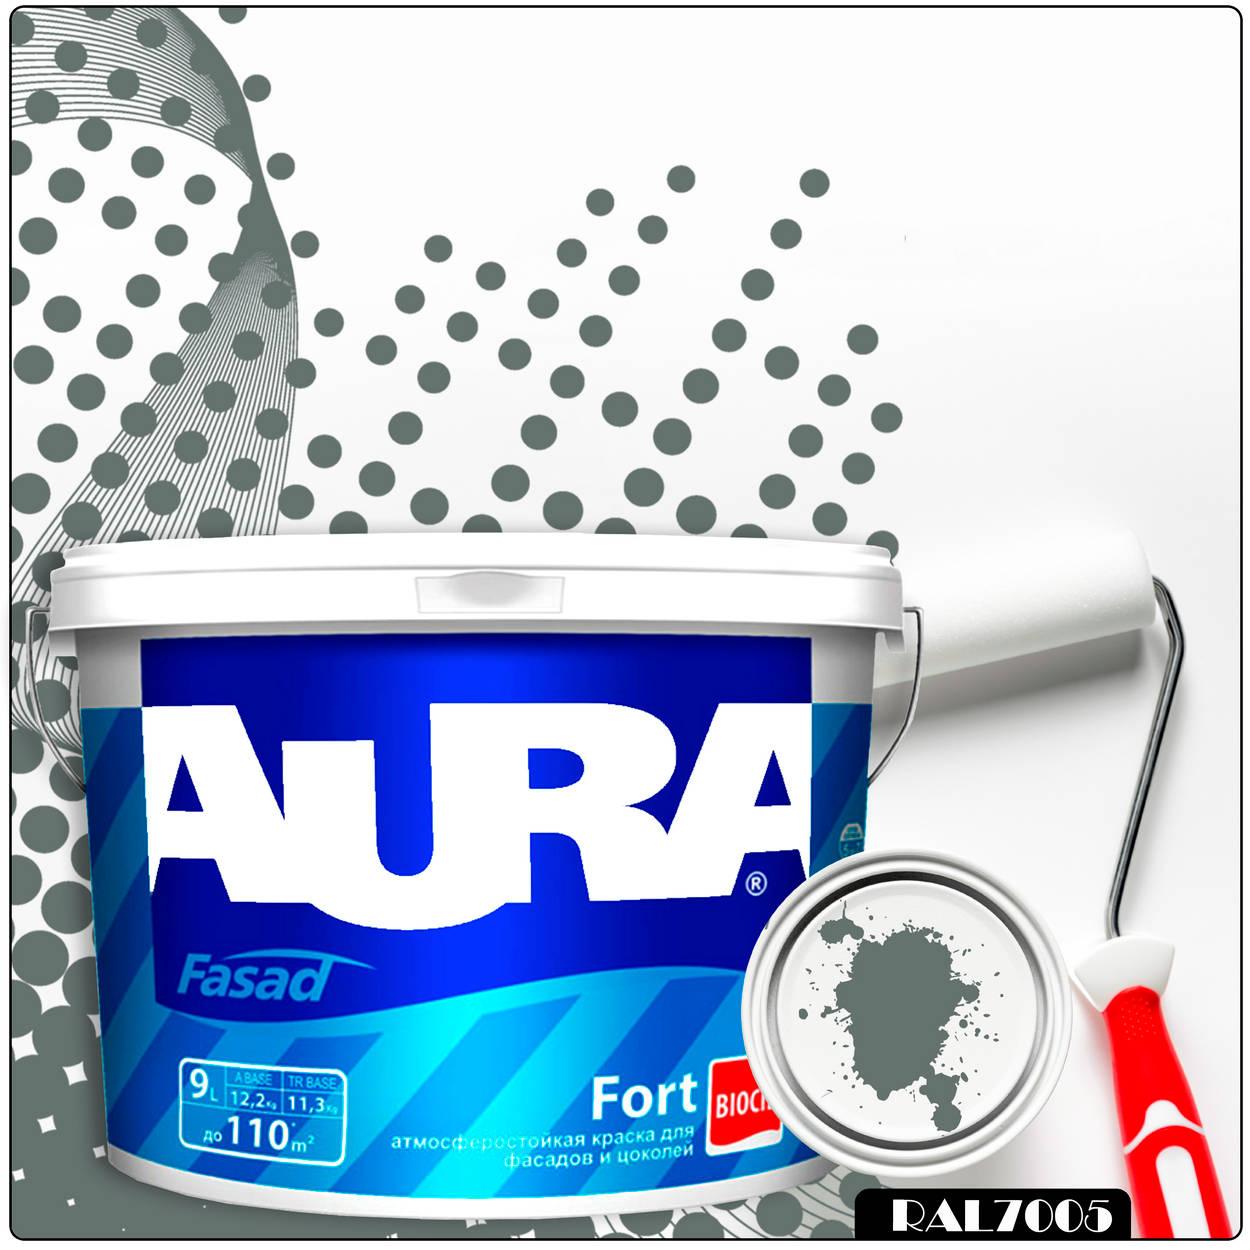 Фото 5 - Краска Aura Fasad Fort, RAL 7005 Мышино-серый, латексная, матовая, для фасада и цоколей, 9л, Аура.